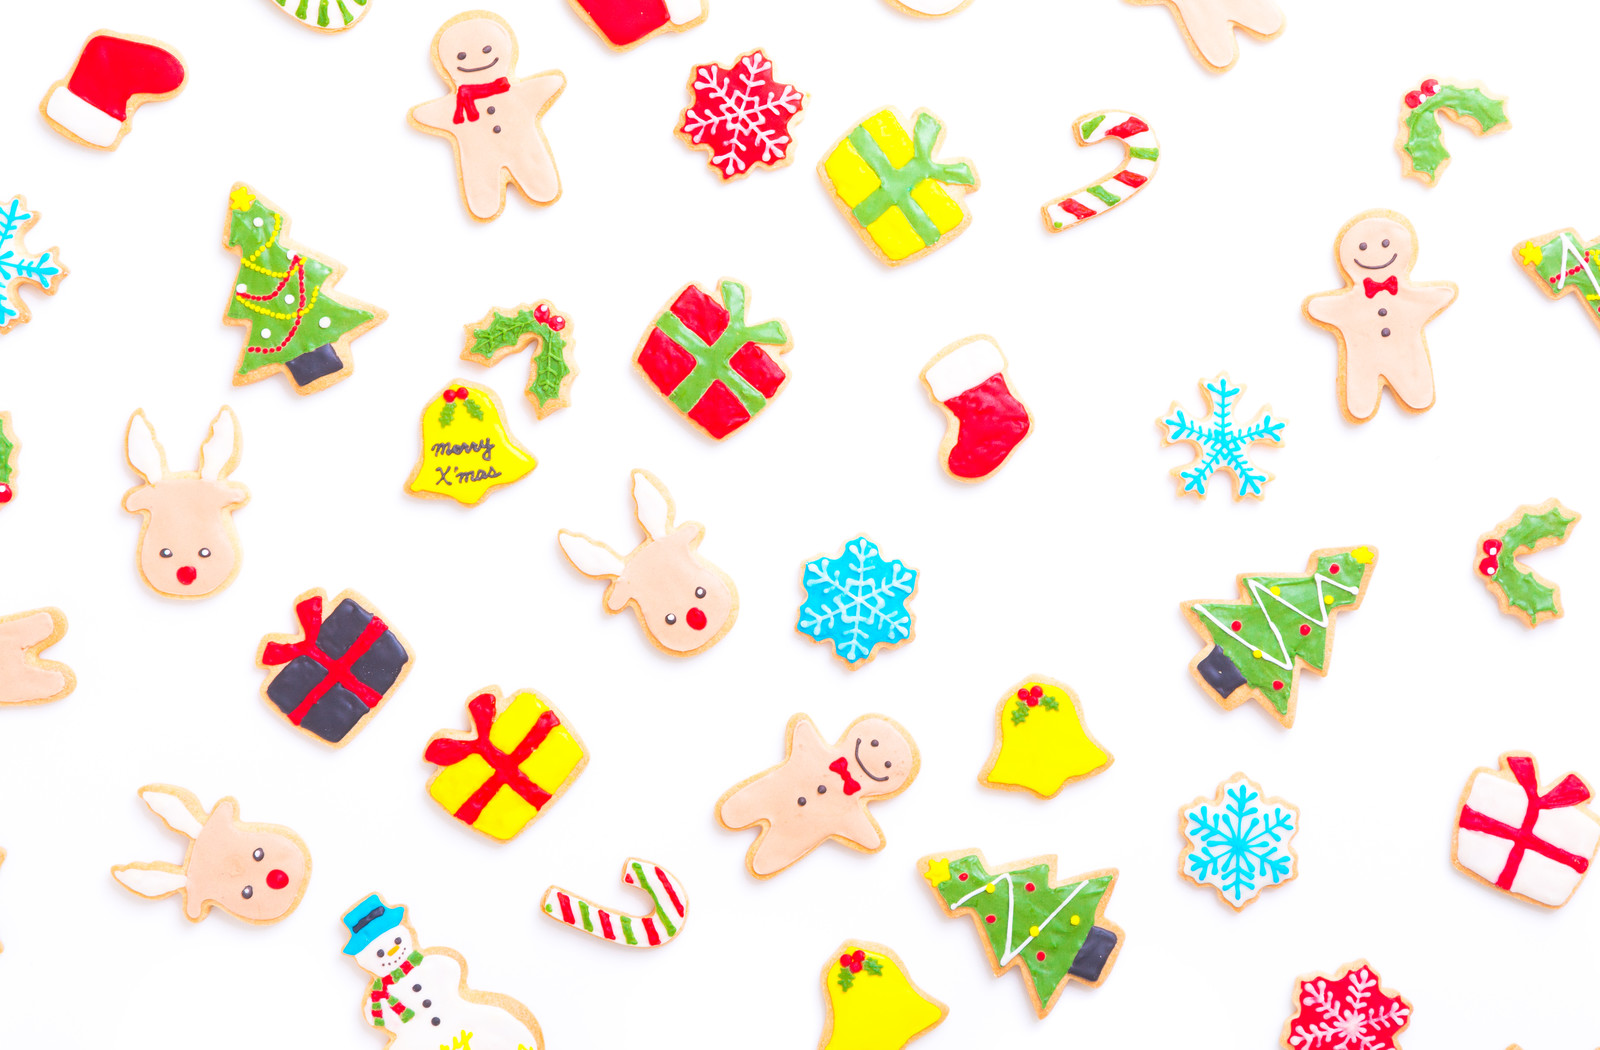 「色々な種類のクリスマスアイシングクッキー   写真の無料素材・フリー素材 - ぱくたそ」の写真